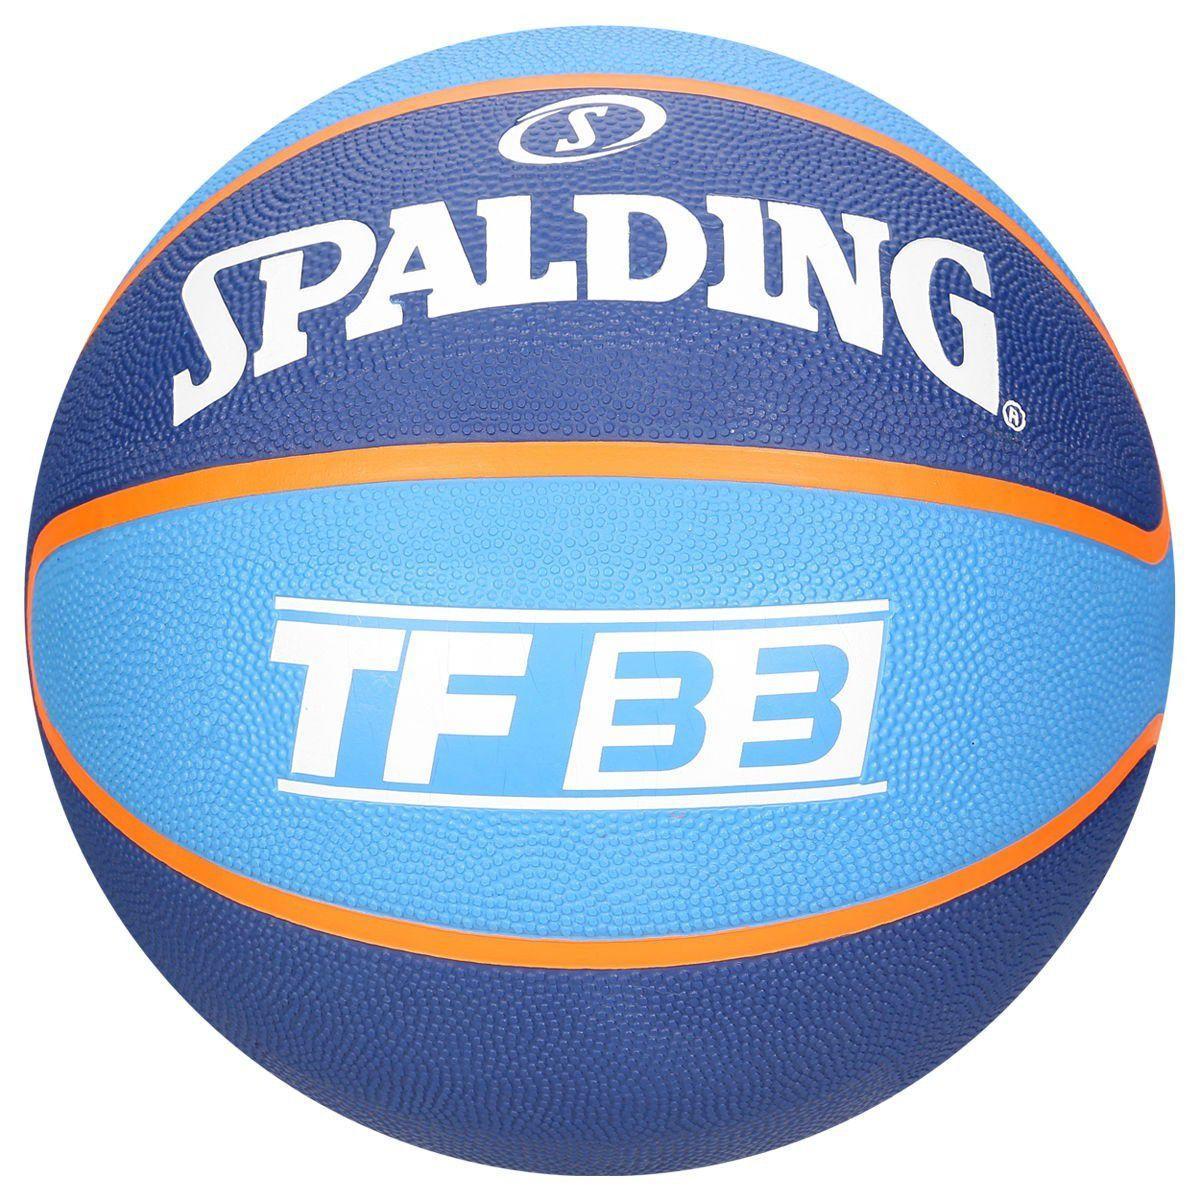 Bola de Basquete Spalding NBA 3X TF 33 - Bola de Basquete - Magazine ... 37b2ee7d896f9